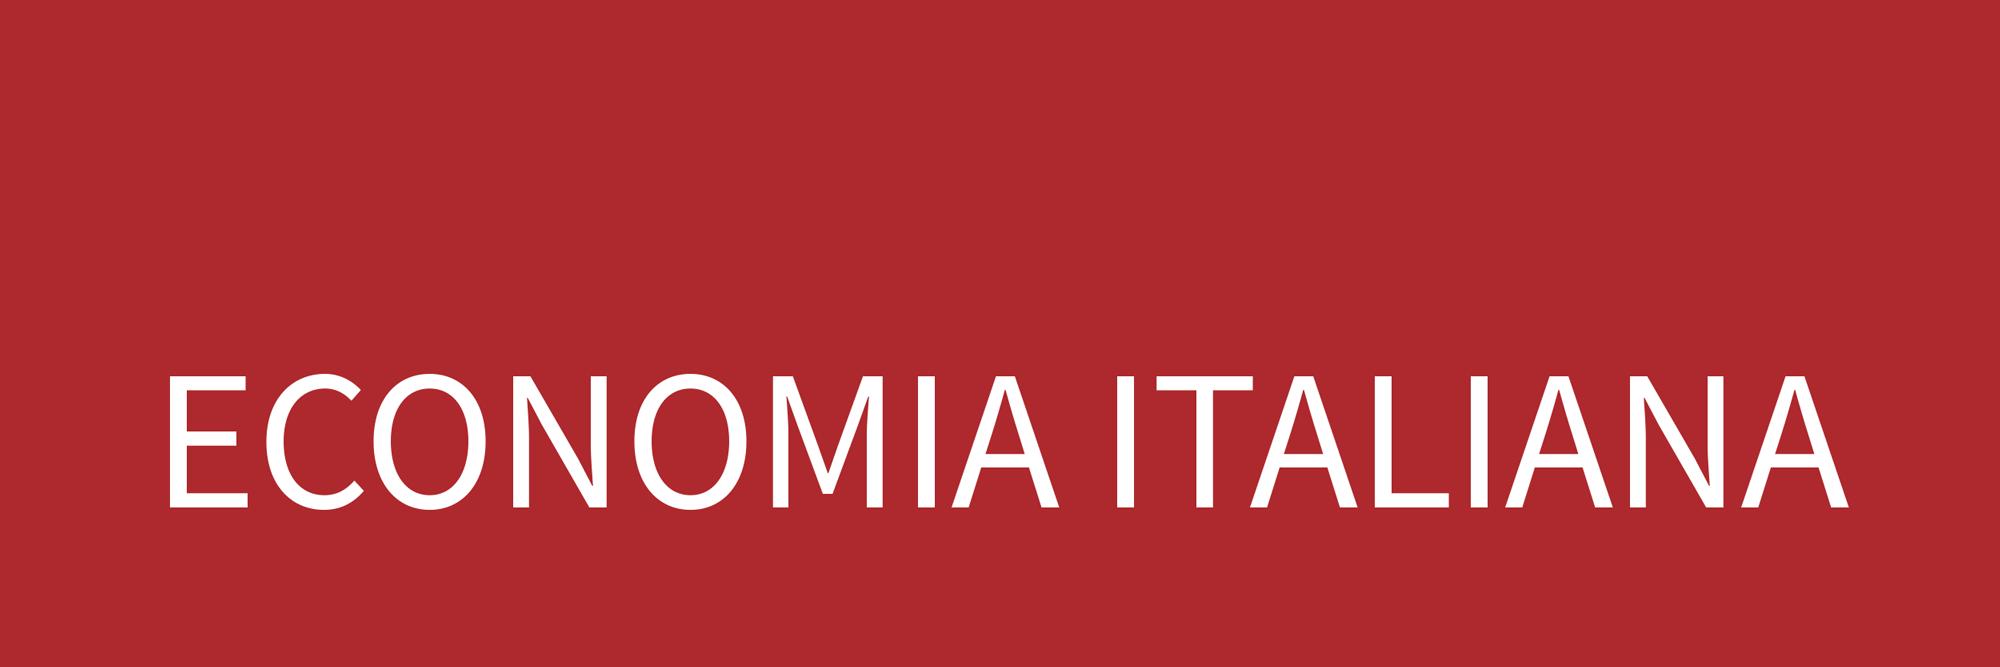 """""""Agenda 2030. Il punto sullo sviluppo sostenibile"""" - 10 settembre 2019 - ore 16,45 – c/o Sace - Piazza Poli 37/42 - Roma"""